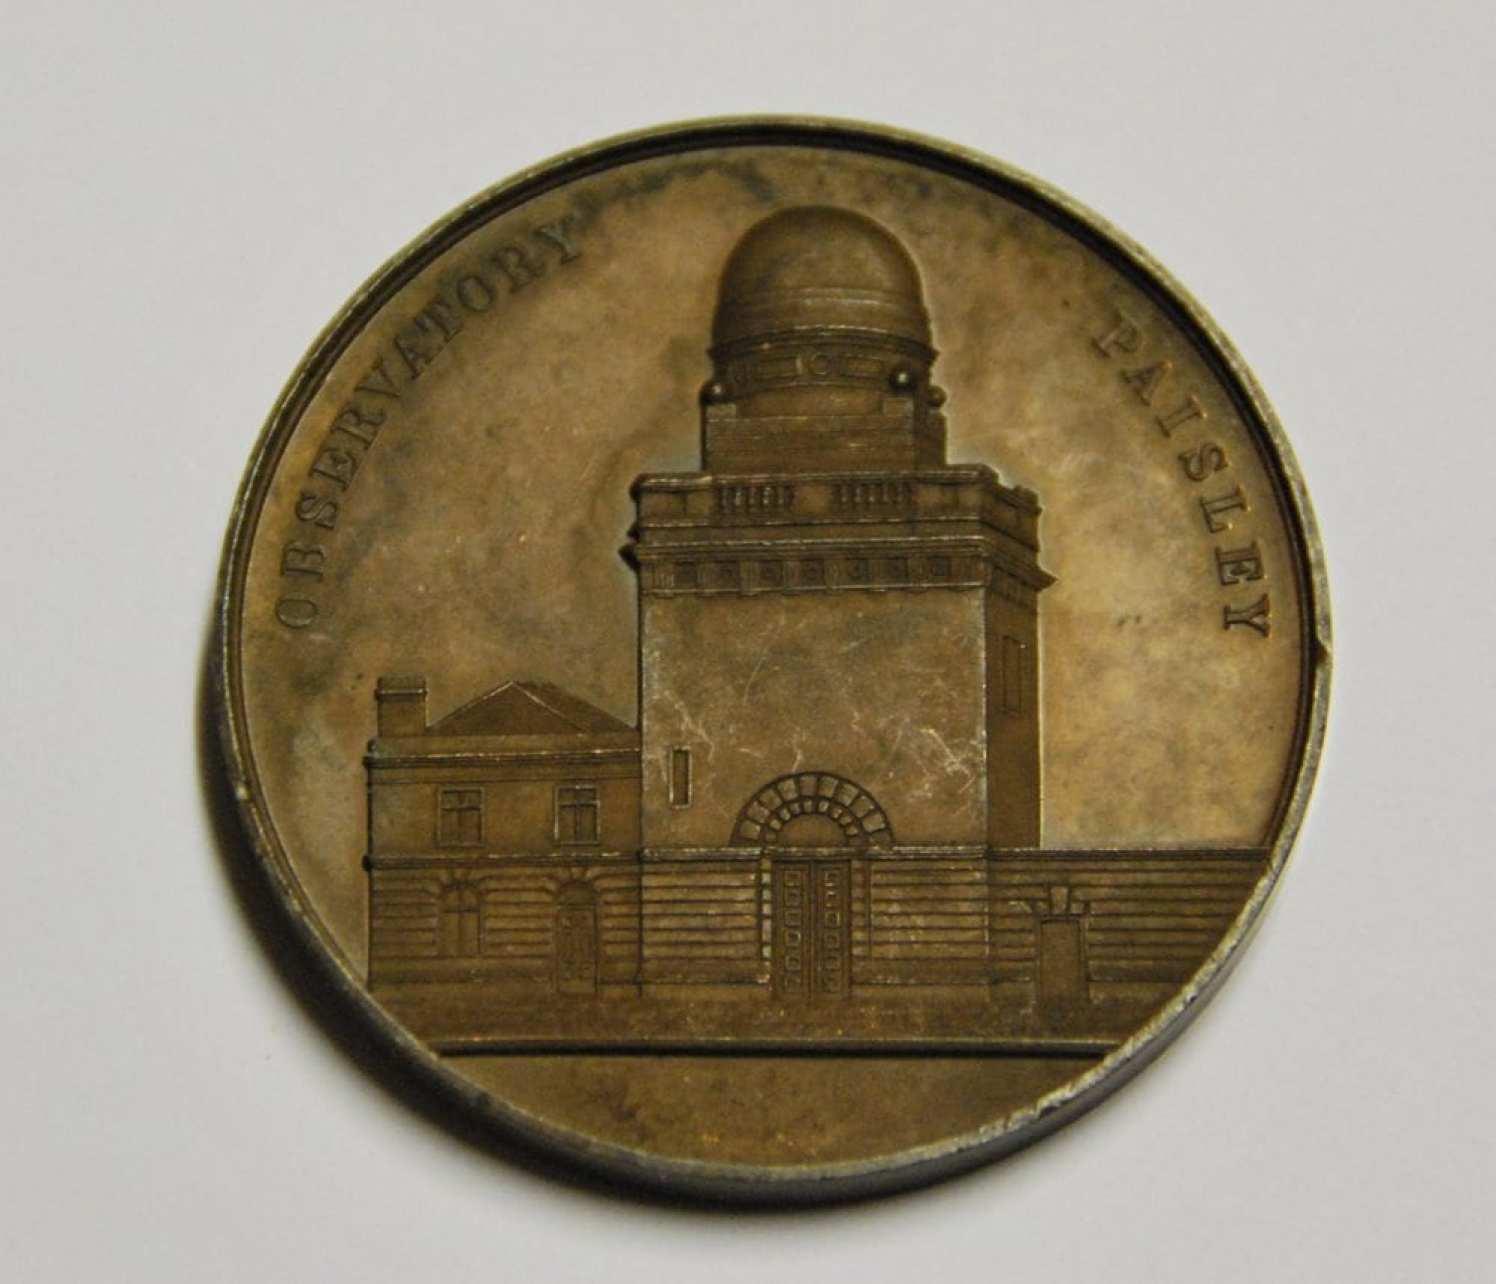 Observatory Medal